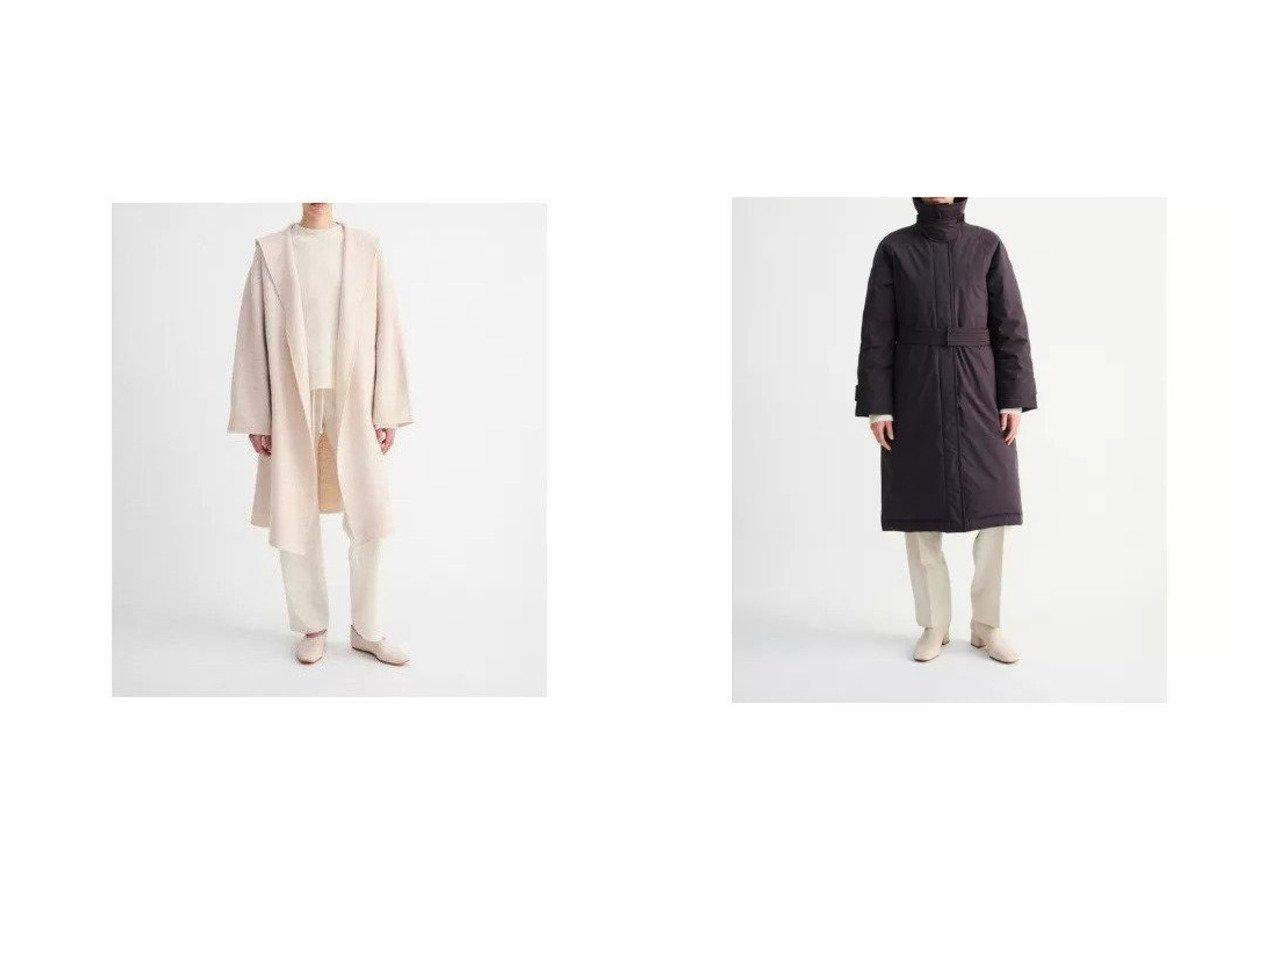 【SAYAKA DAVIS/サヤカ デイヴィス】のHooded Knit Robe&Down Balmacaan Coat 【アウター】おすすめ!人気、トレンド・レディースファッションの通販 おすすめで人気の流行・トレンド、ファッションの通販商品 インテリア・家具・メンズファッション・キッズファッション・レディースファッション・服の通販 founy(ファニー) https://founy.com/ ファッション Fashion レディースファッション WOMEN アウター Coat Outerwear コート Coats チェスターコート Top Coat コンパクト ジャケット ストレッチ タンブラー ダウン バランス ポケット 防寒 チェスターコート フェルト |ID:crp329100000056382